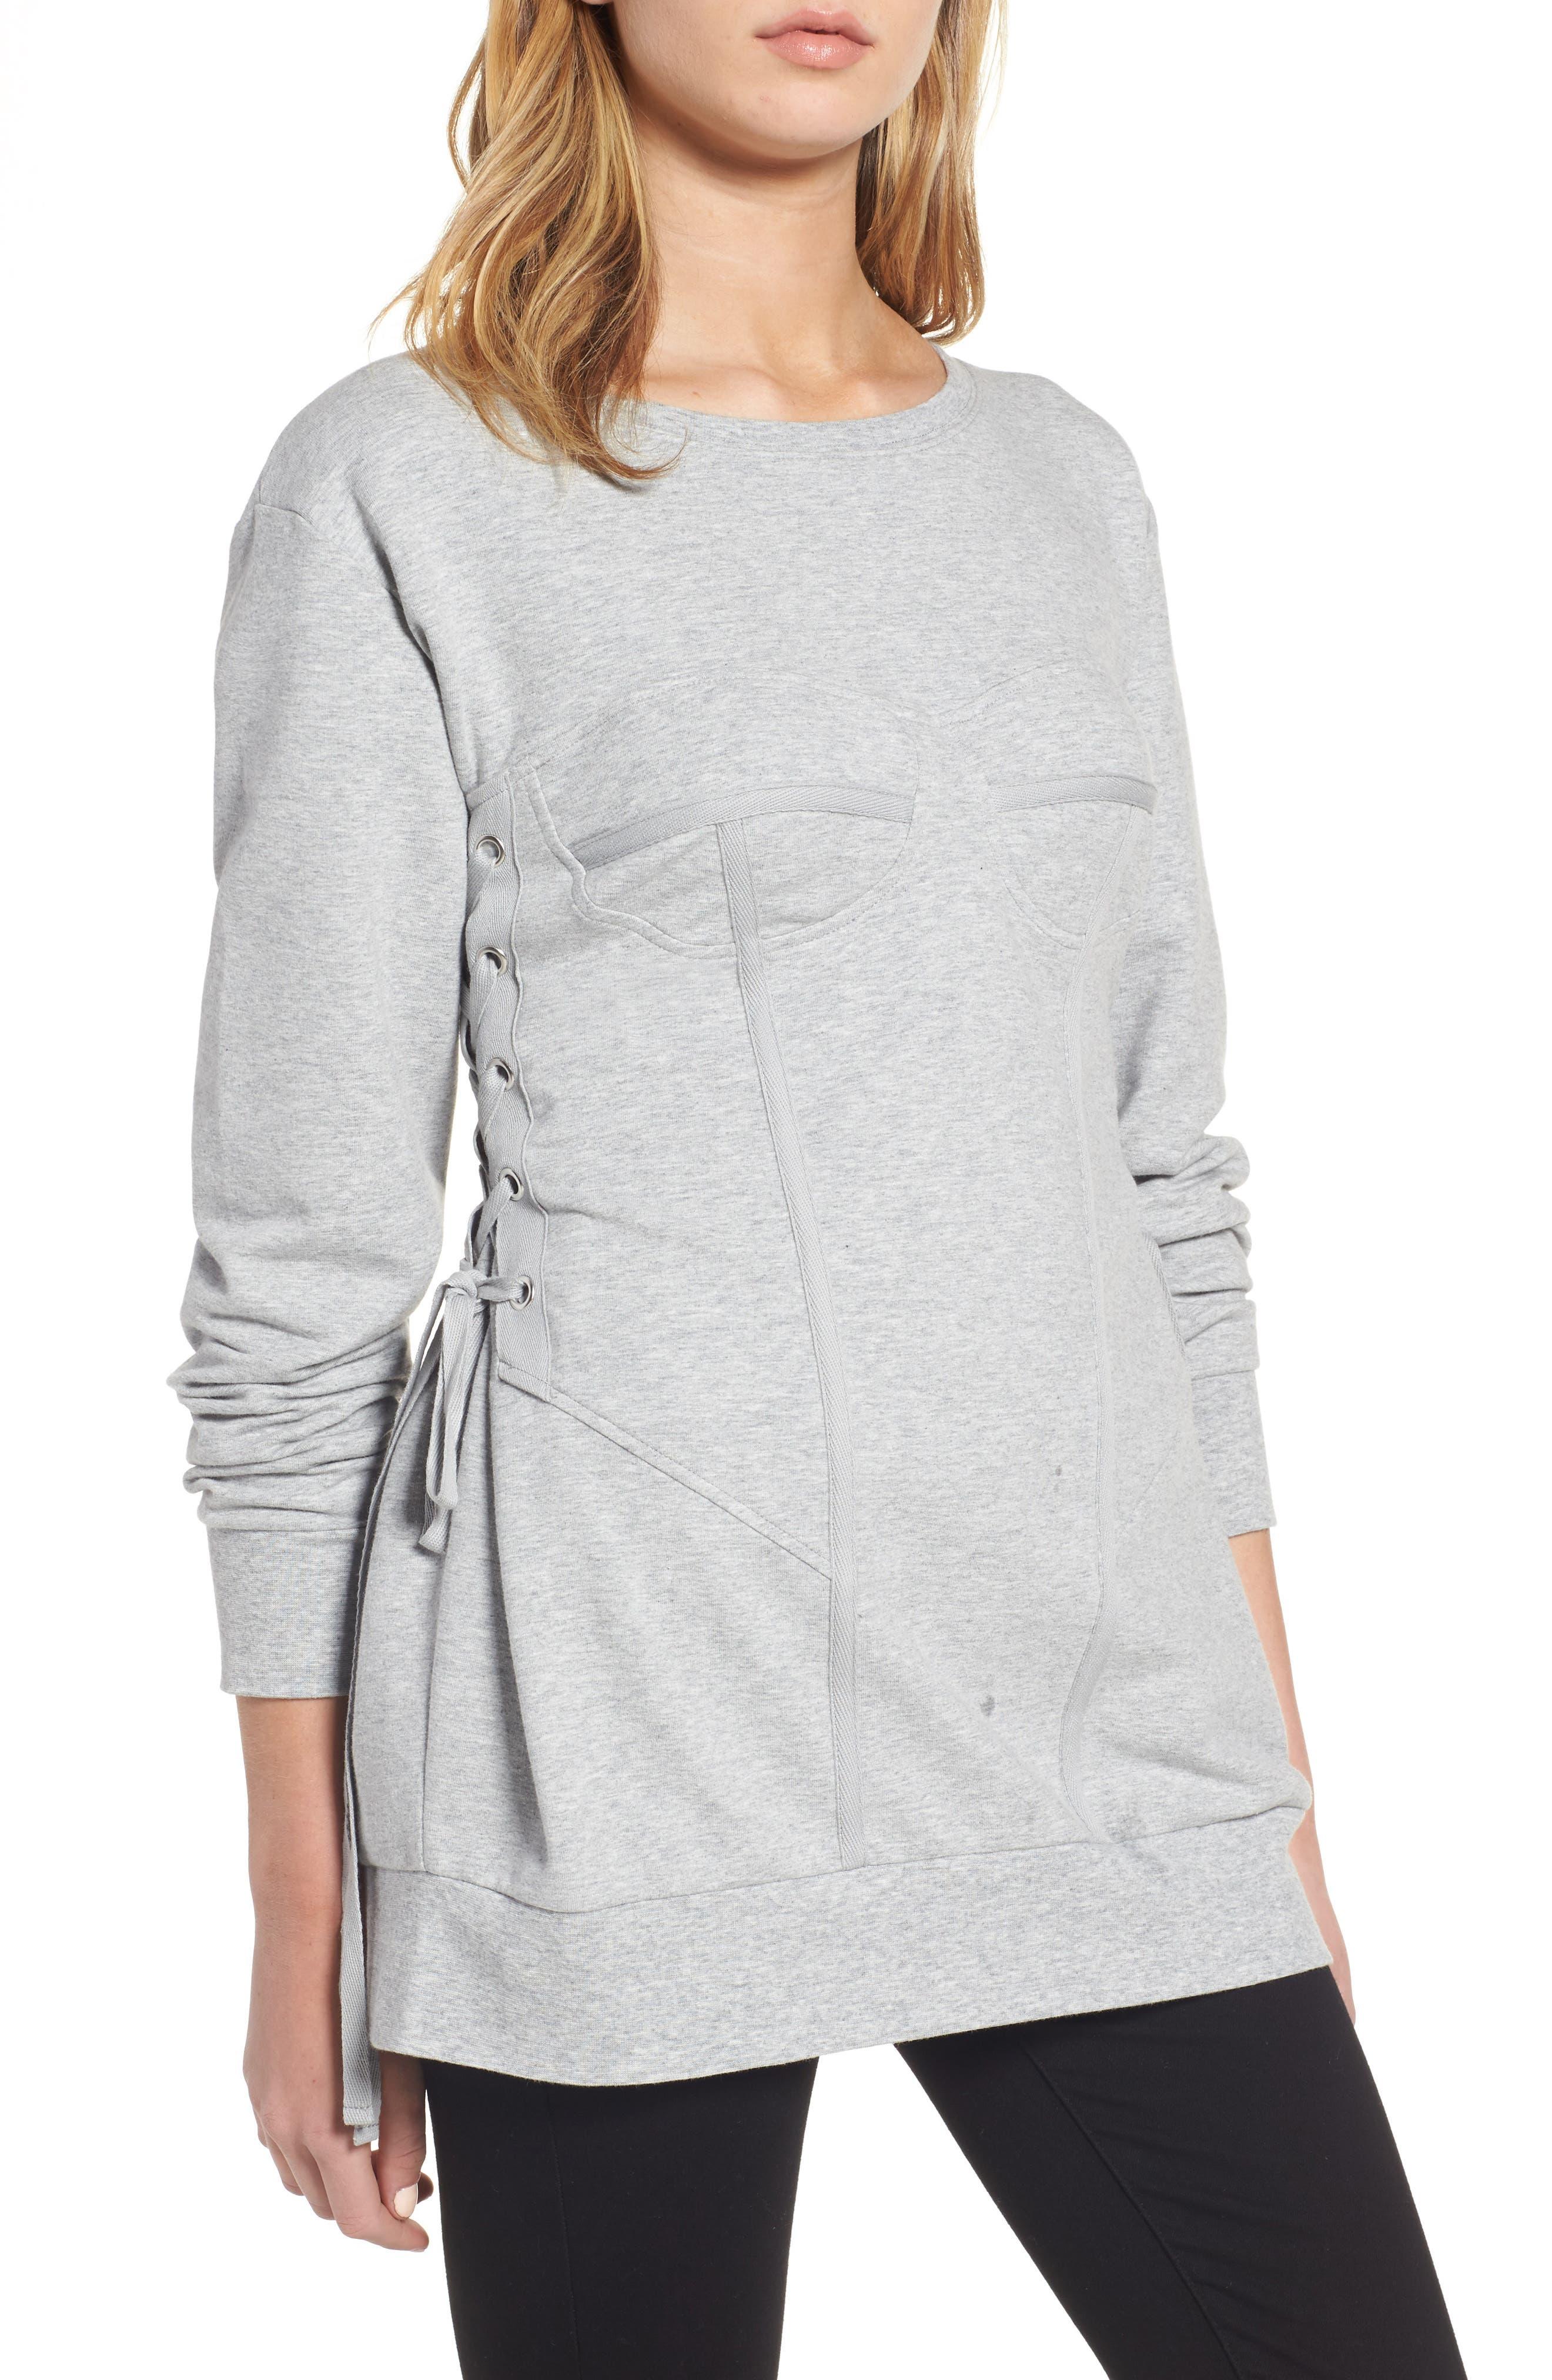 Trouvé Corset Sweatshirt